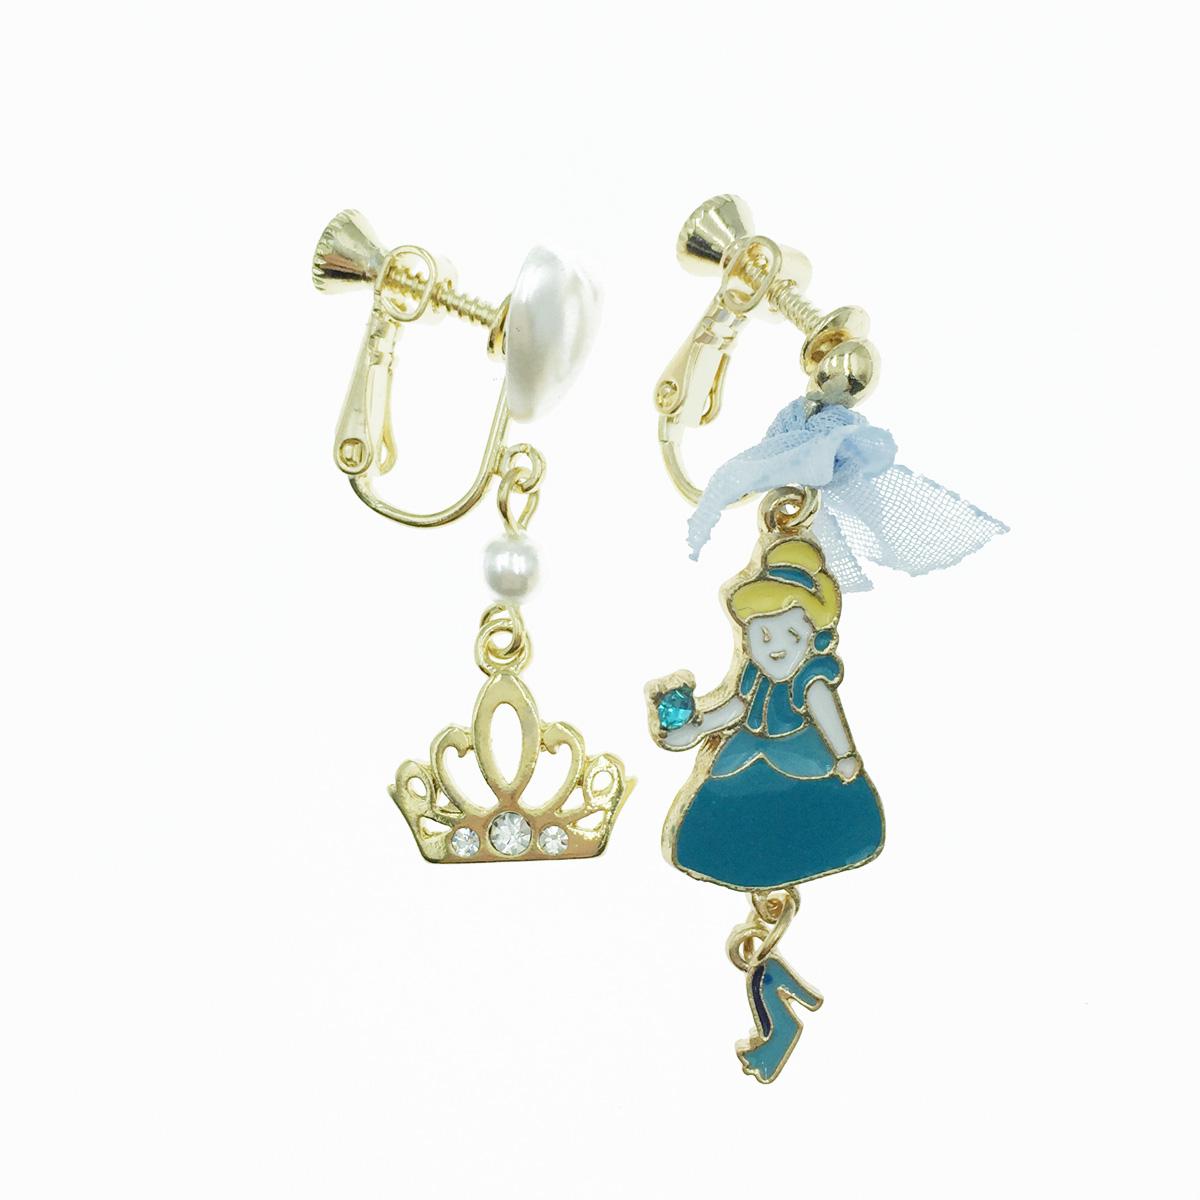 韓國 水鑽皇冠 珍珠愛心 蝴蝶結 公主 垂墜感 夾式耳環